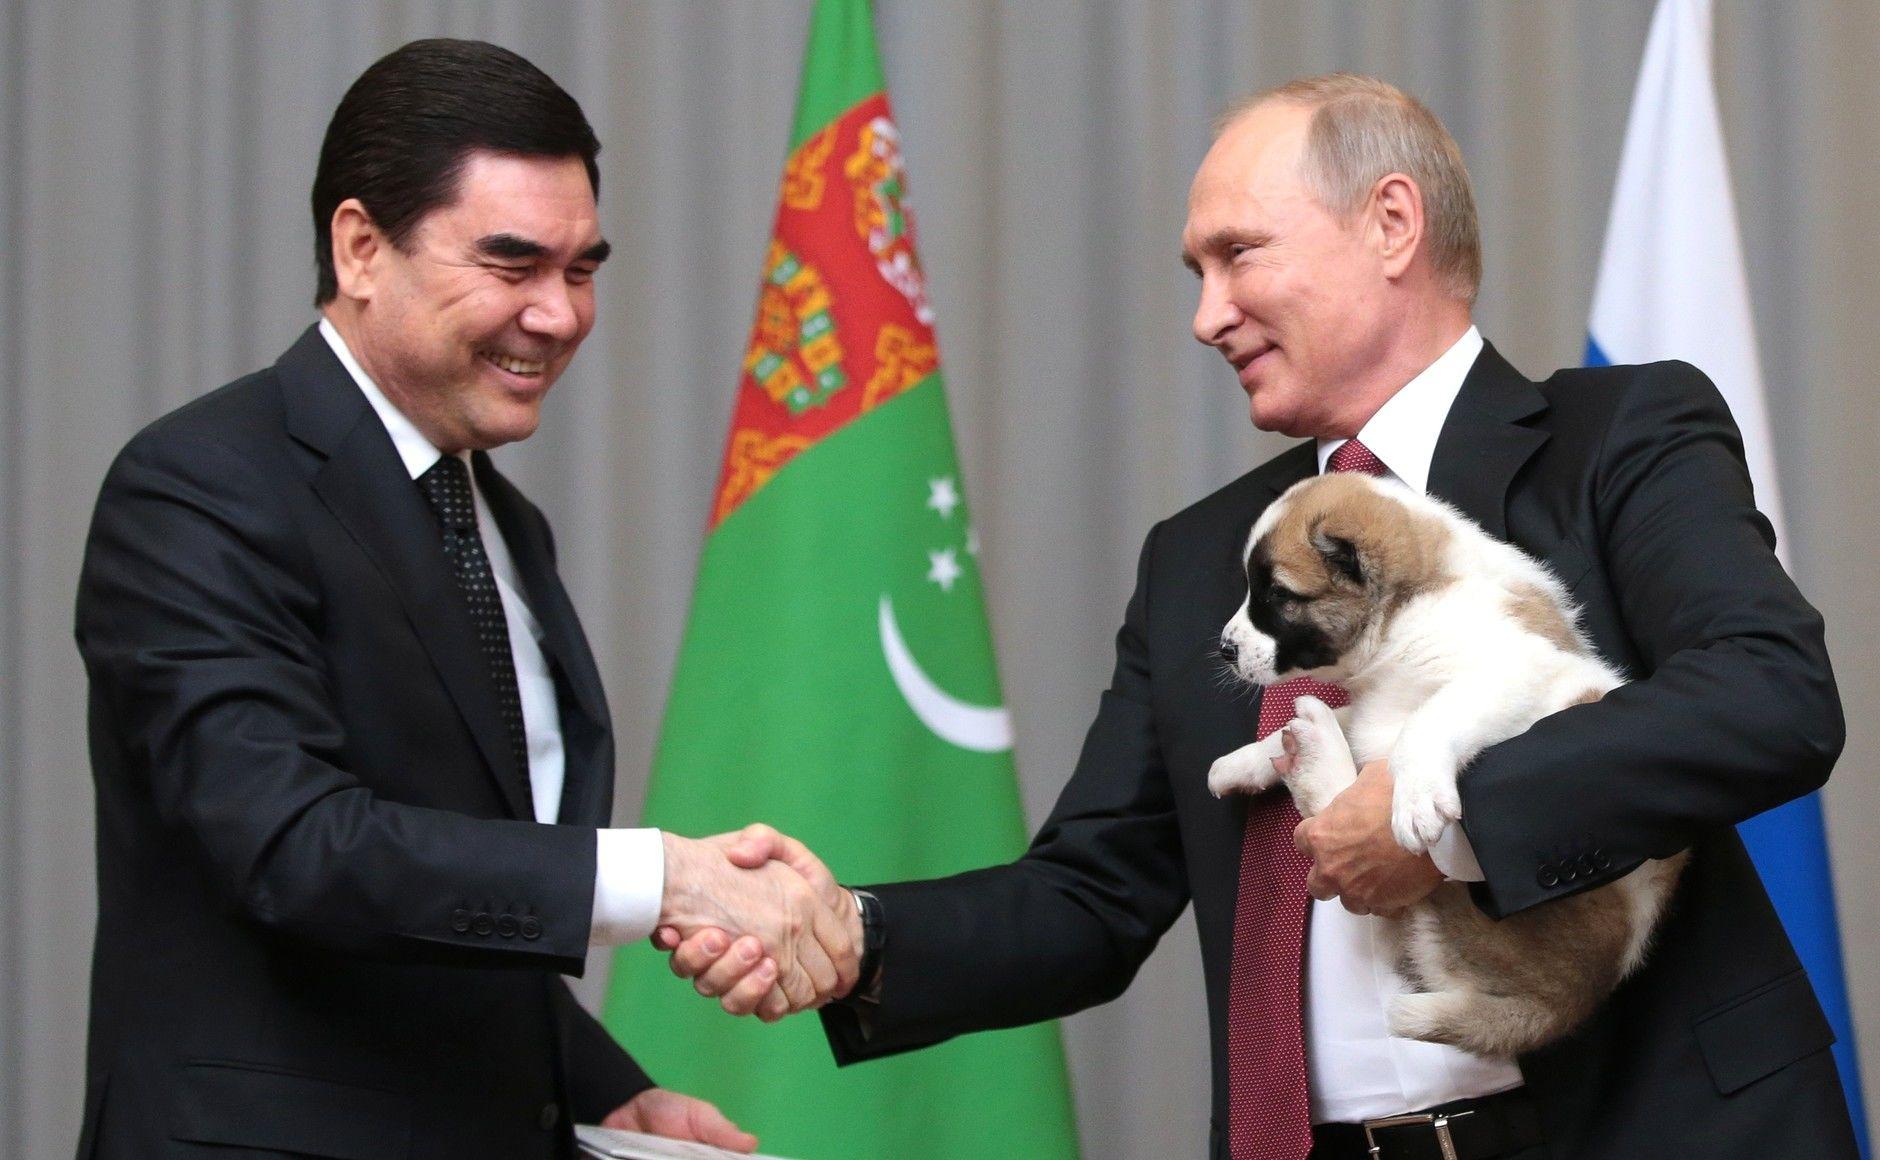 Президент Туркменистана подарил Владимиру Путину щенка алабая по кличке Верный ©Фото с сайта commons.wikimedia.org